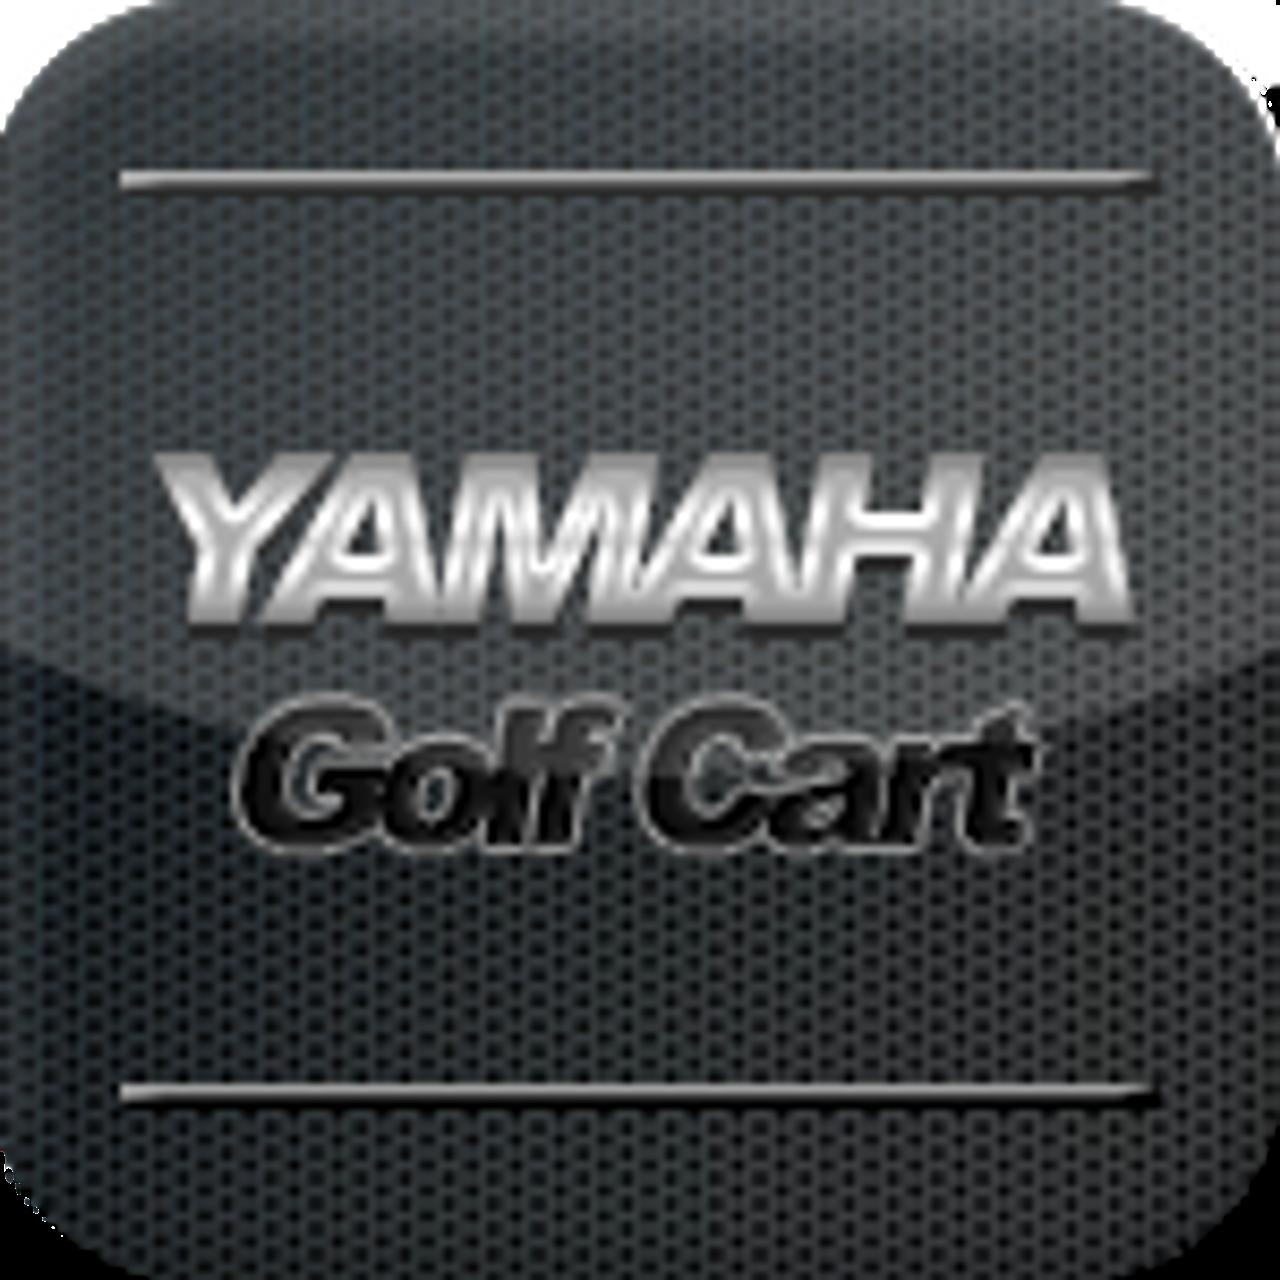 Yamaha Electric Motors and Parts